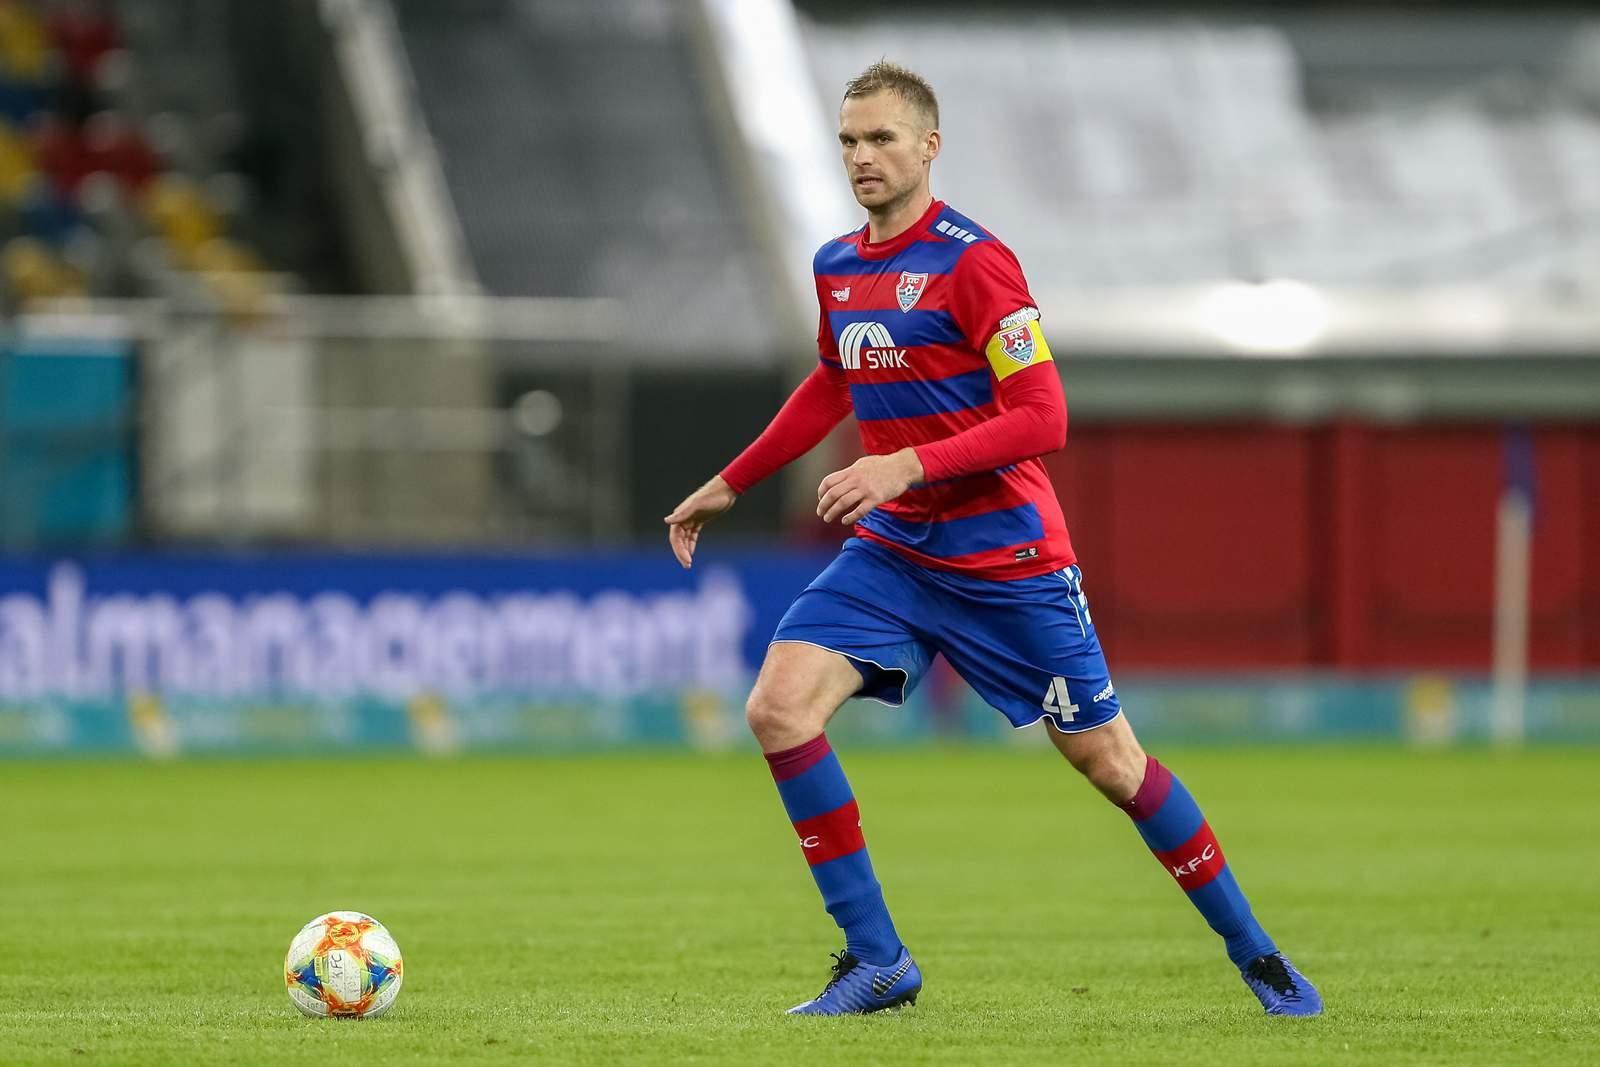 KFC-Kapitän Jan Kirchhoff im Spiel gegen Magdeburg.